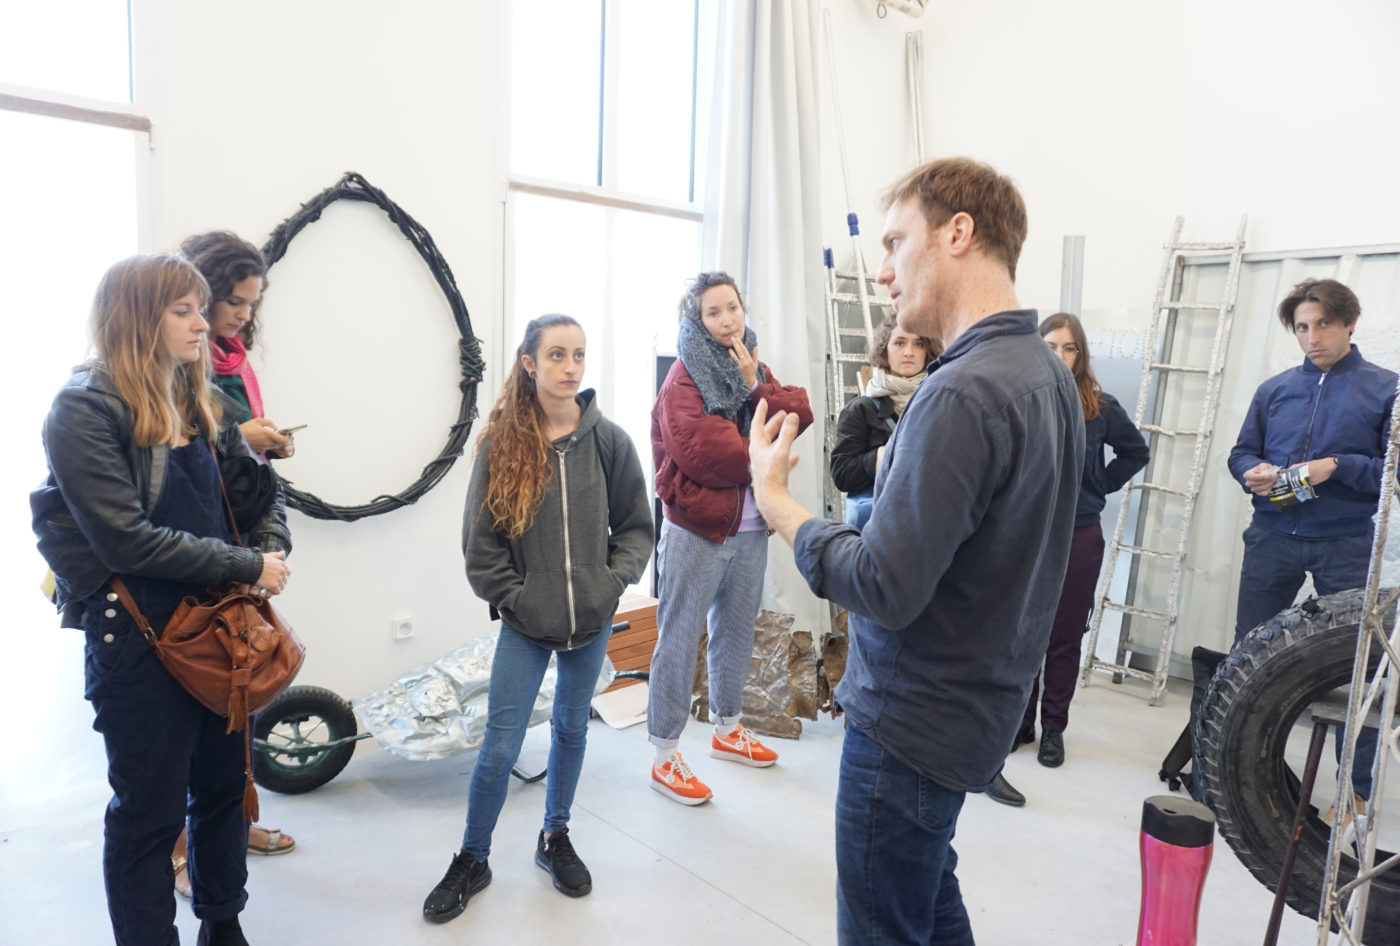 Développer sa pratique artistique — Pôle Arts Visuels Pays de la Loire